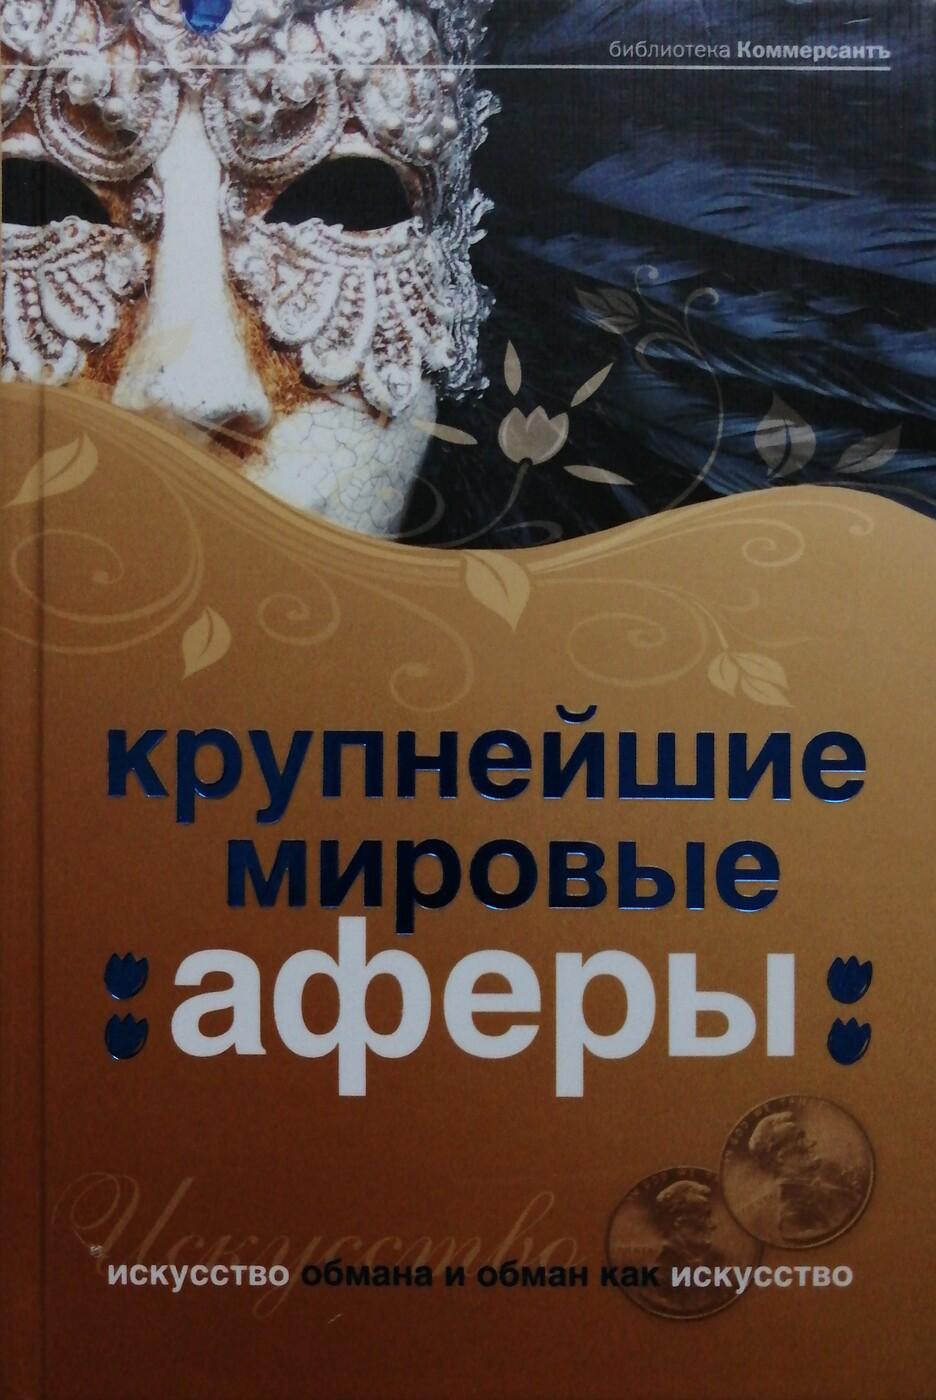 В. Башкирова, А. Соловьев. Крупнейшие мировые аферы. Искусство обмана и обман как искусство